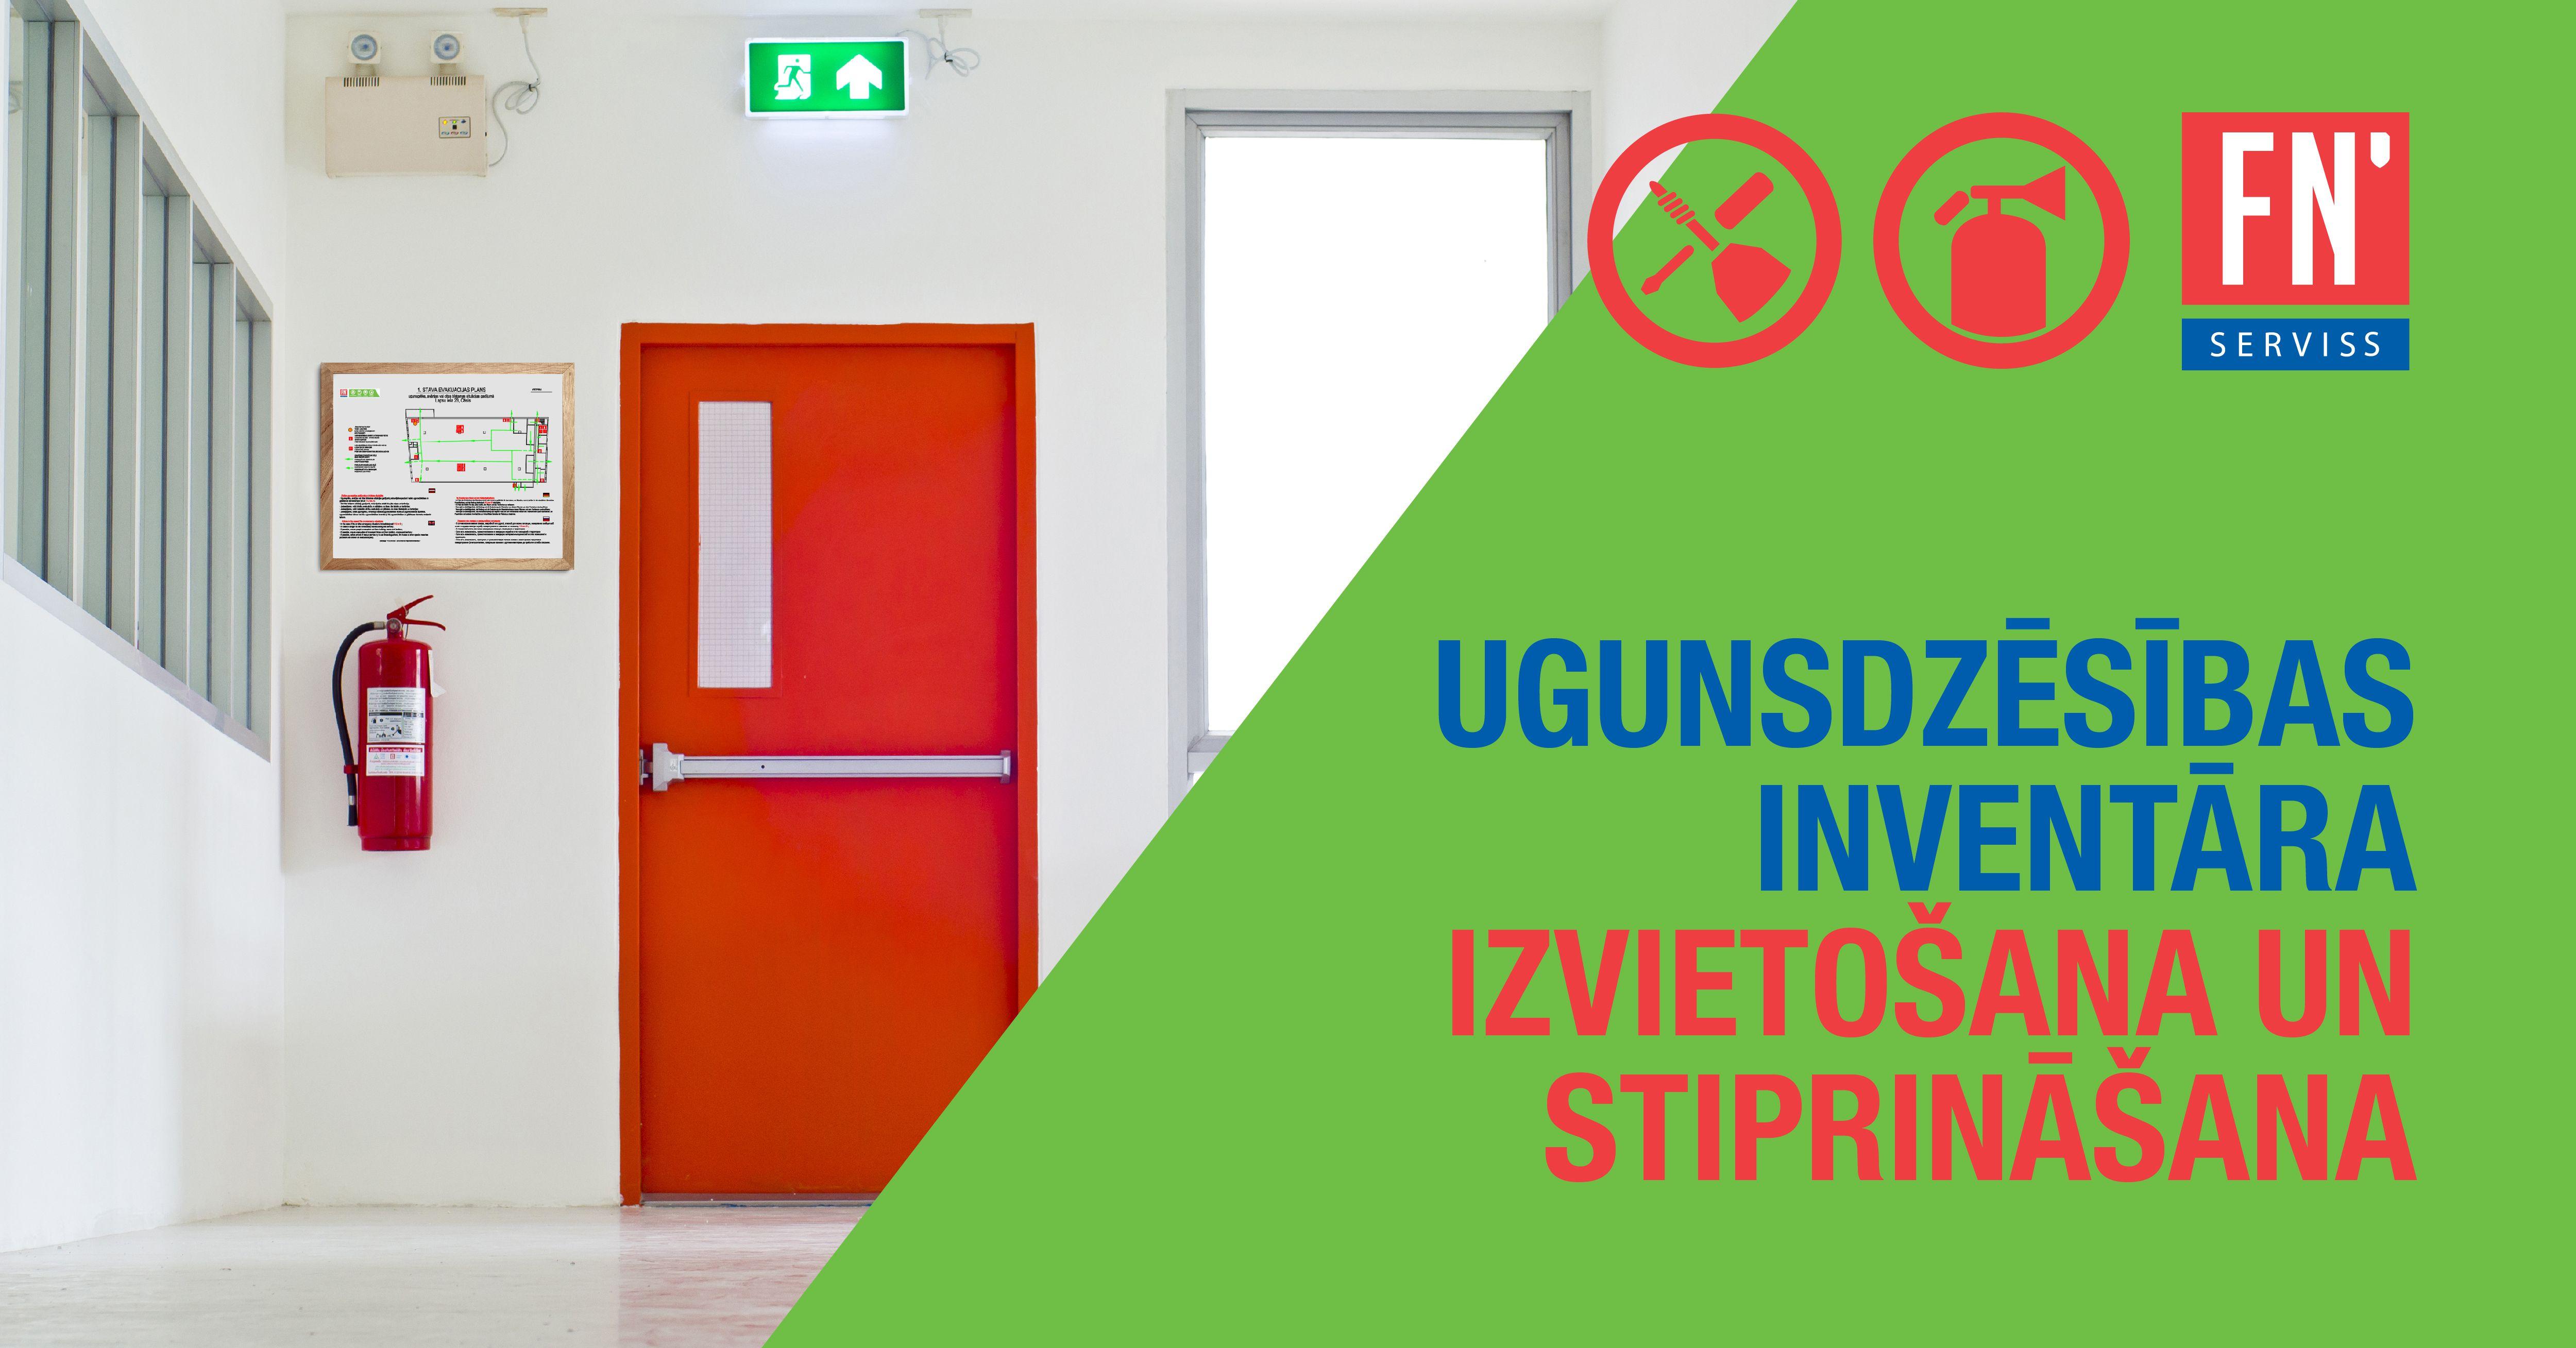 izvietoshana1-11-11